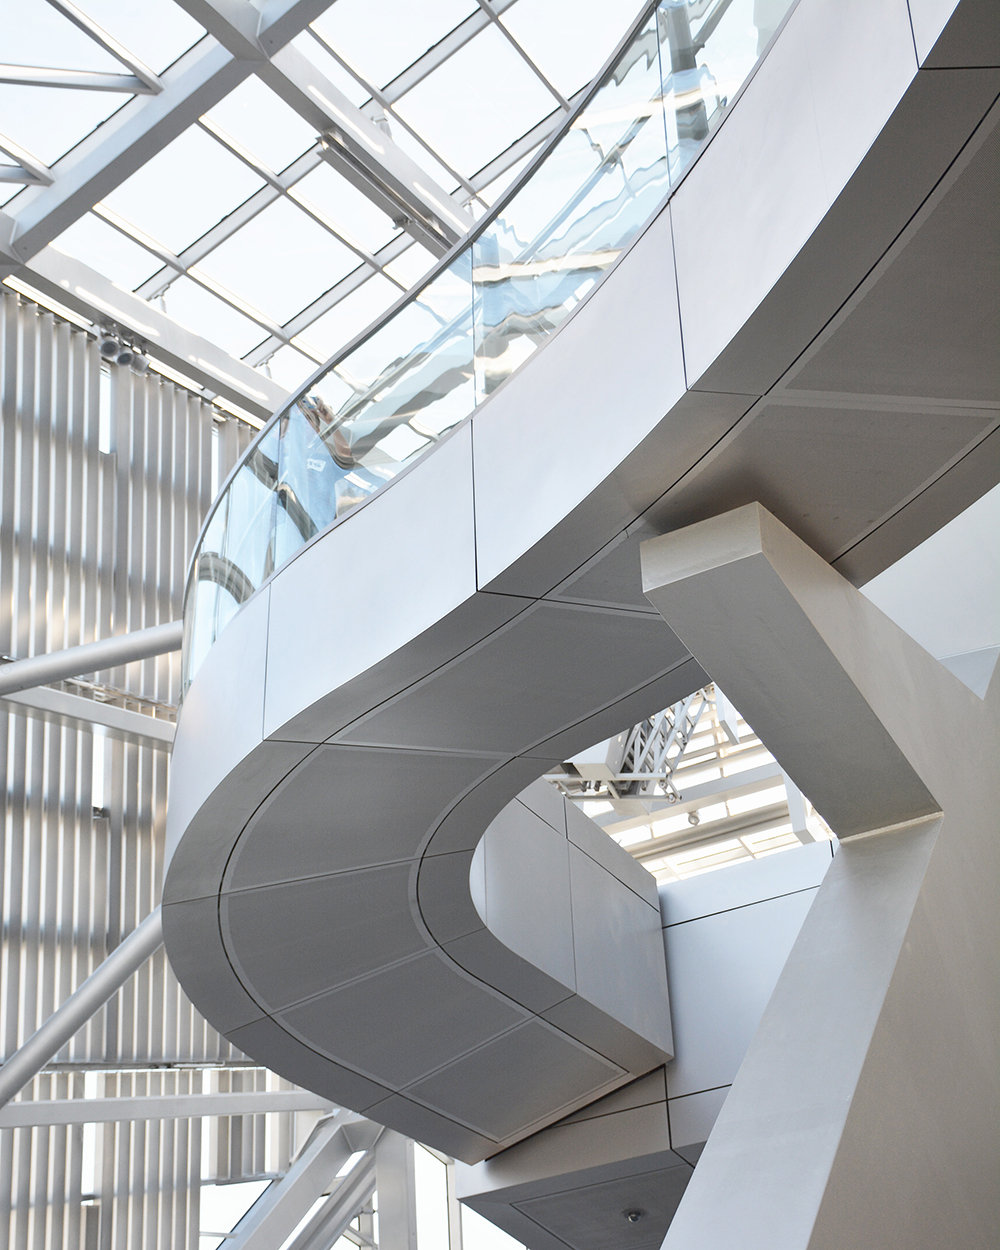 ReDécouverte du Musée des confluences, Lyon